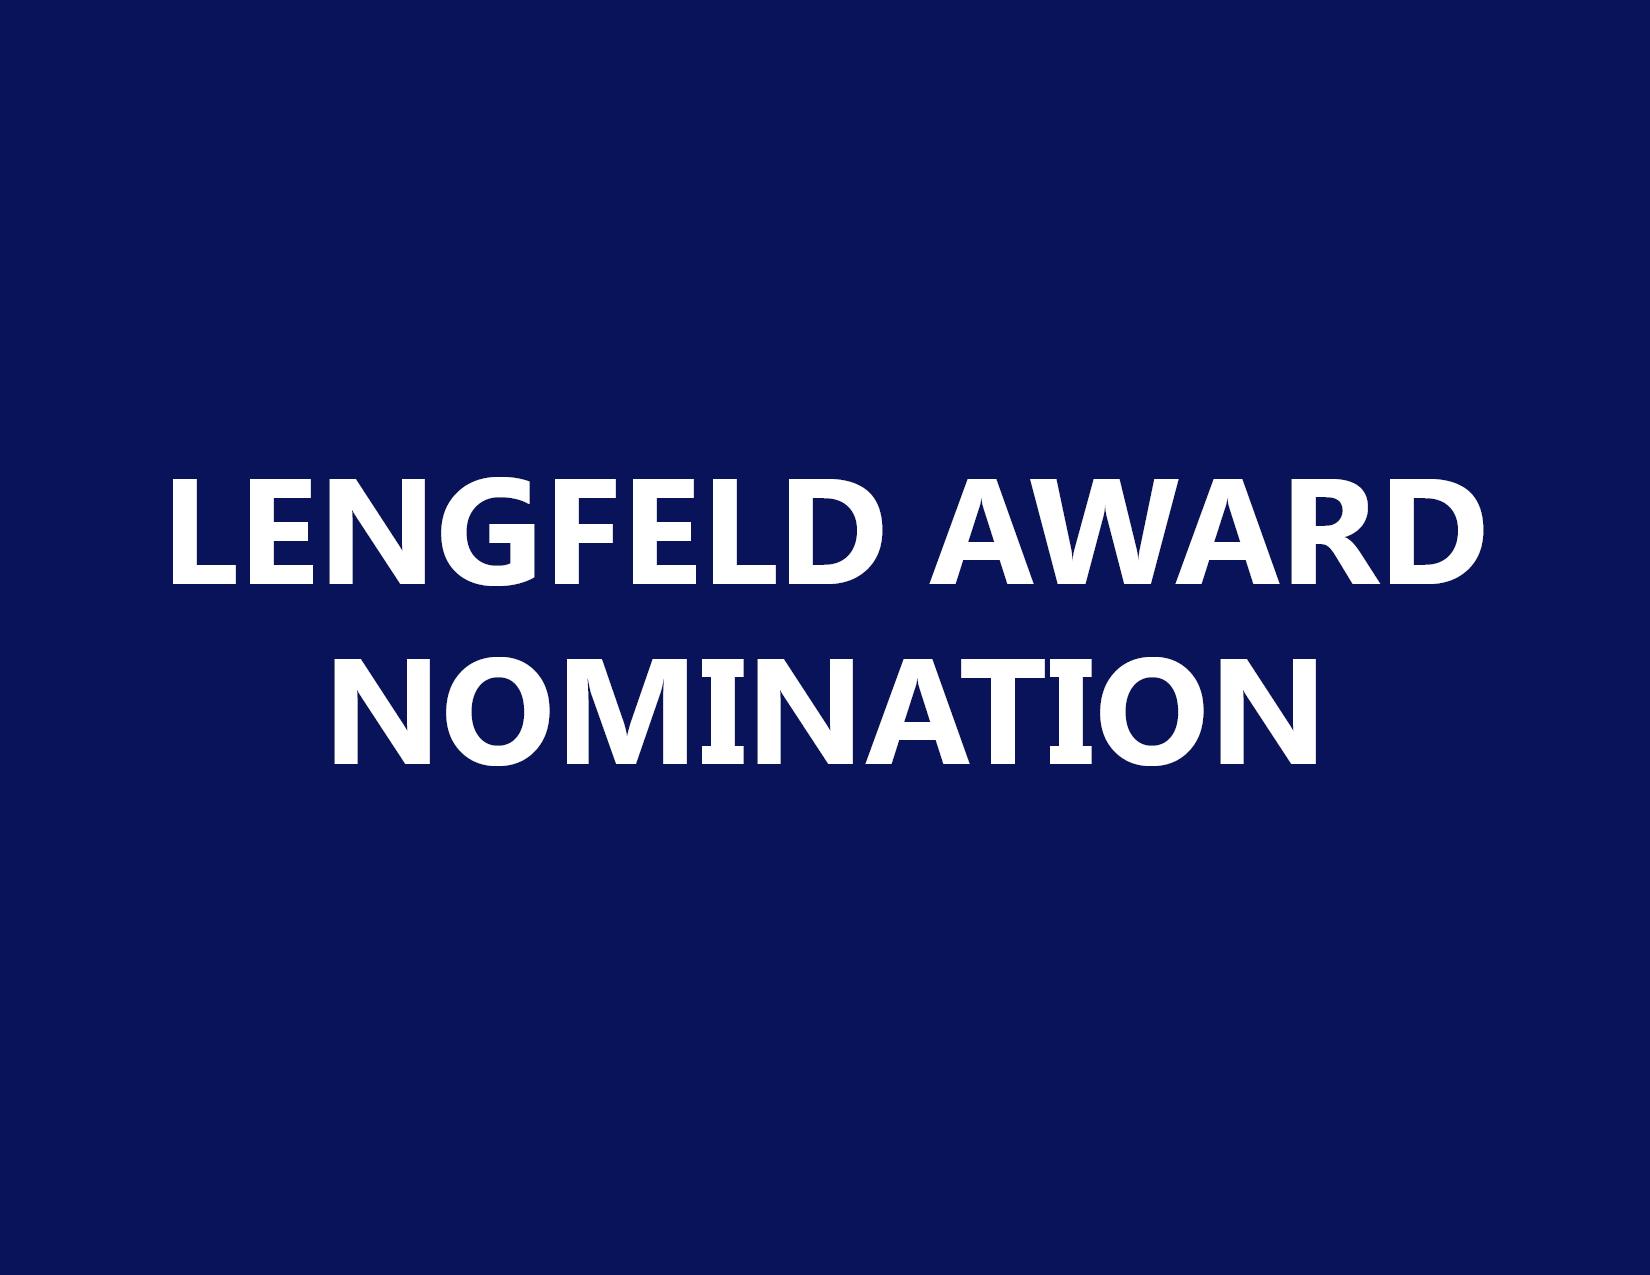 Lengfeld Award Nomination.png